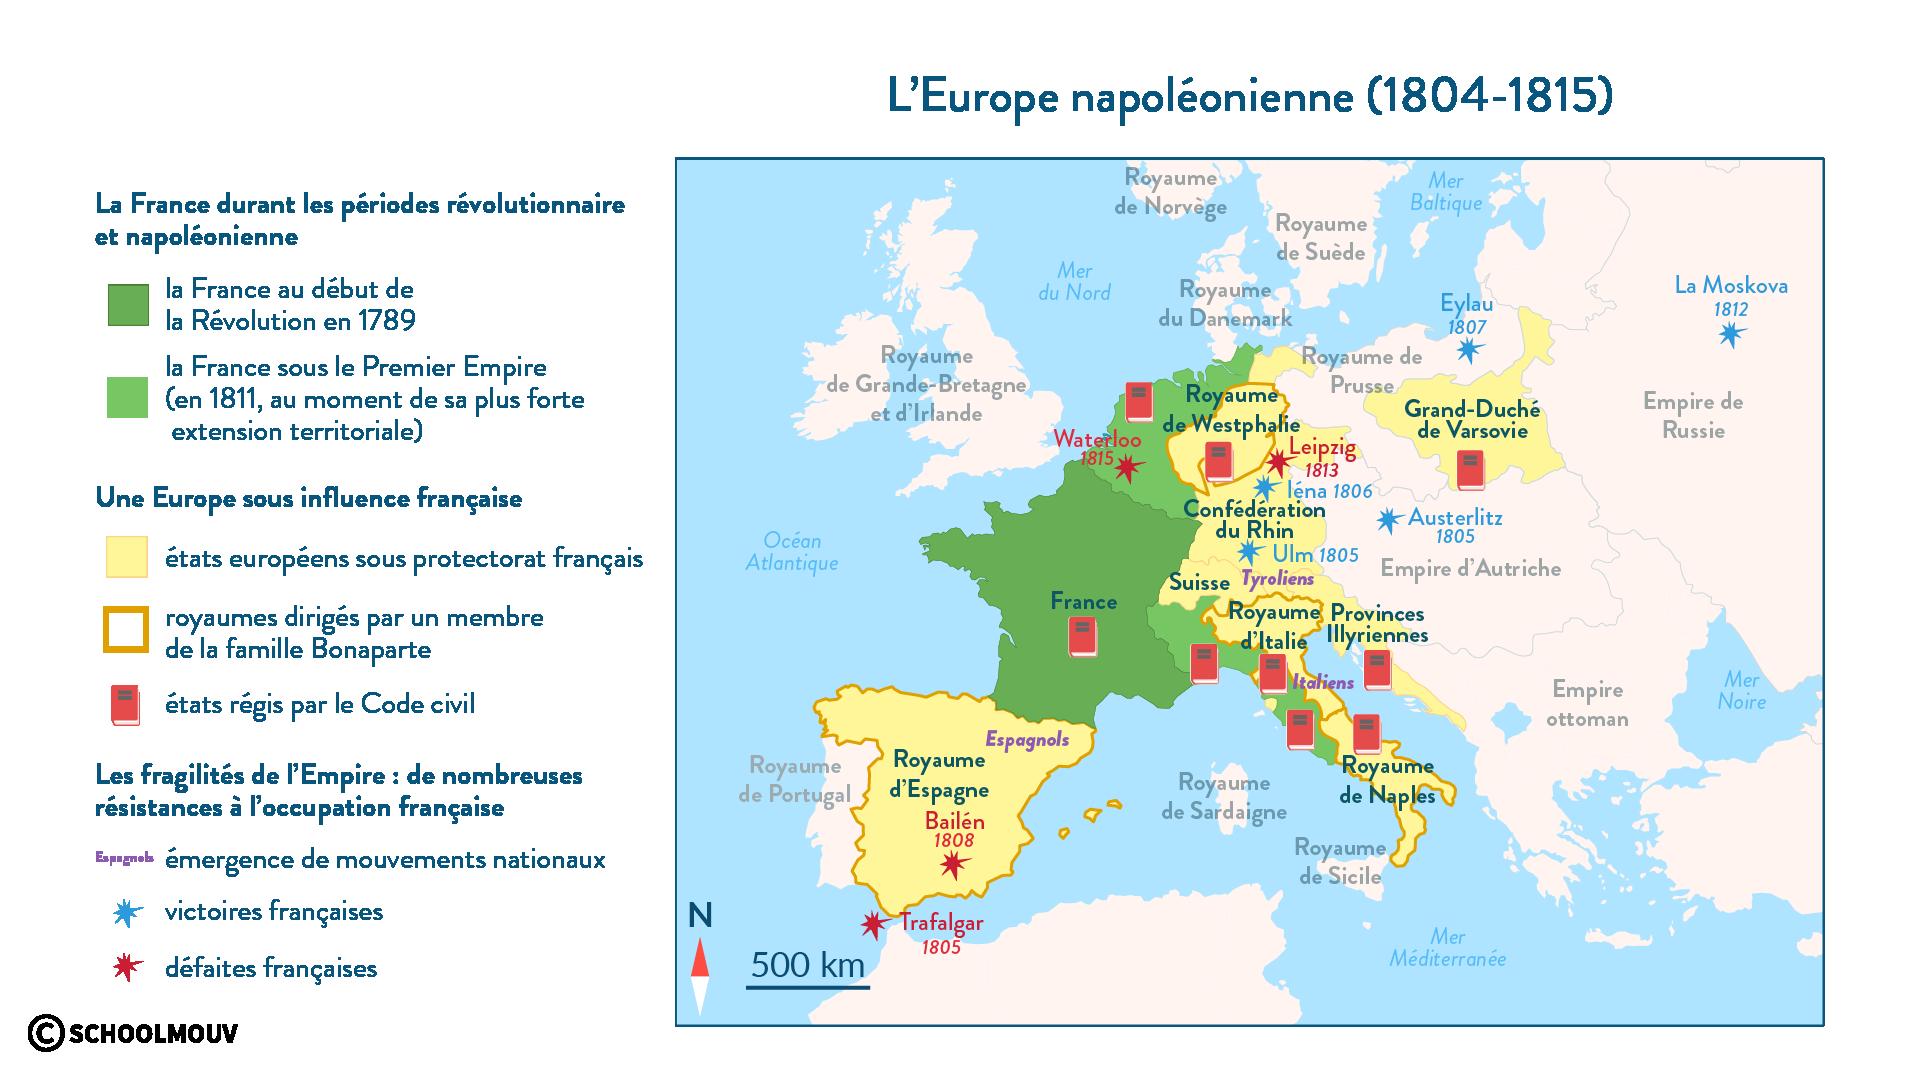 L'Europe napoléonienne (1804-1815) - SchoolMouv - Histoire - 1re